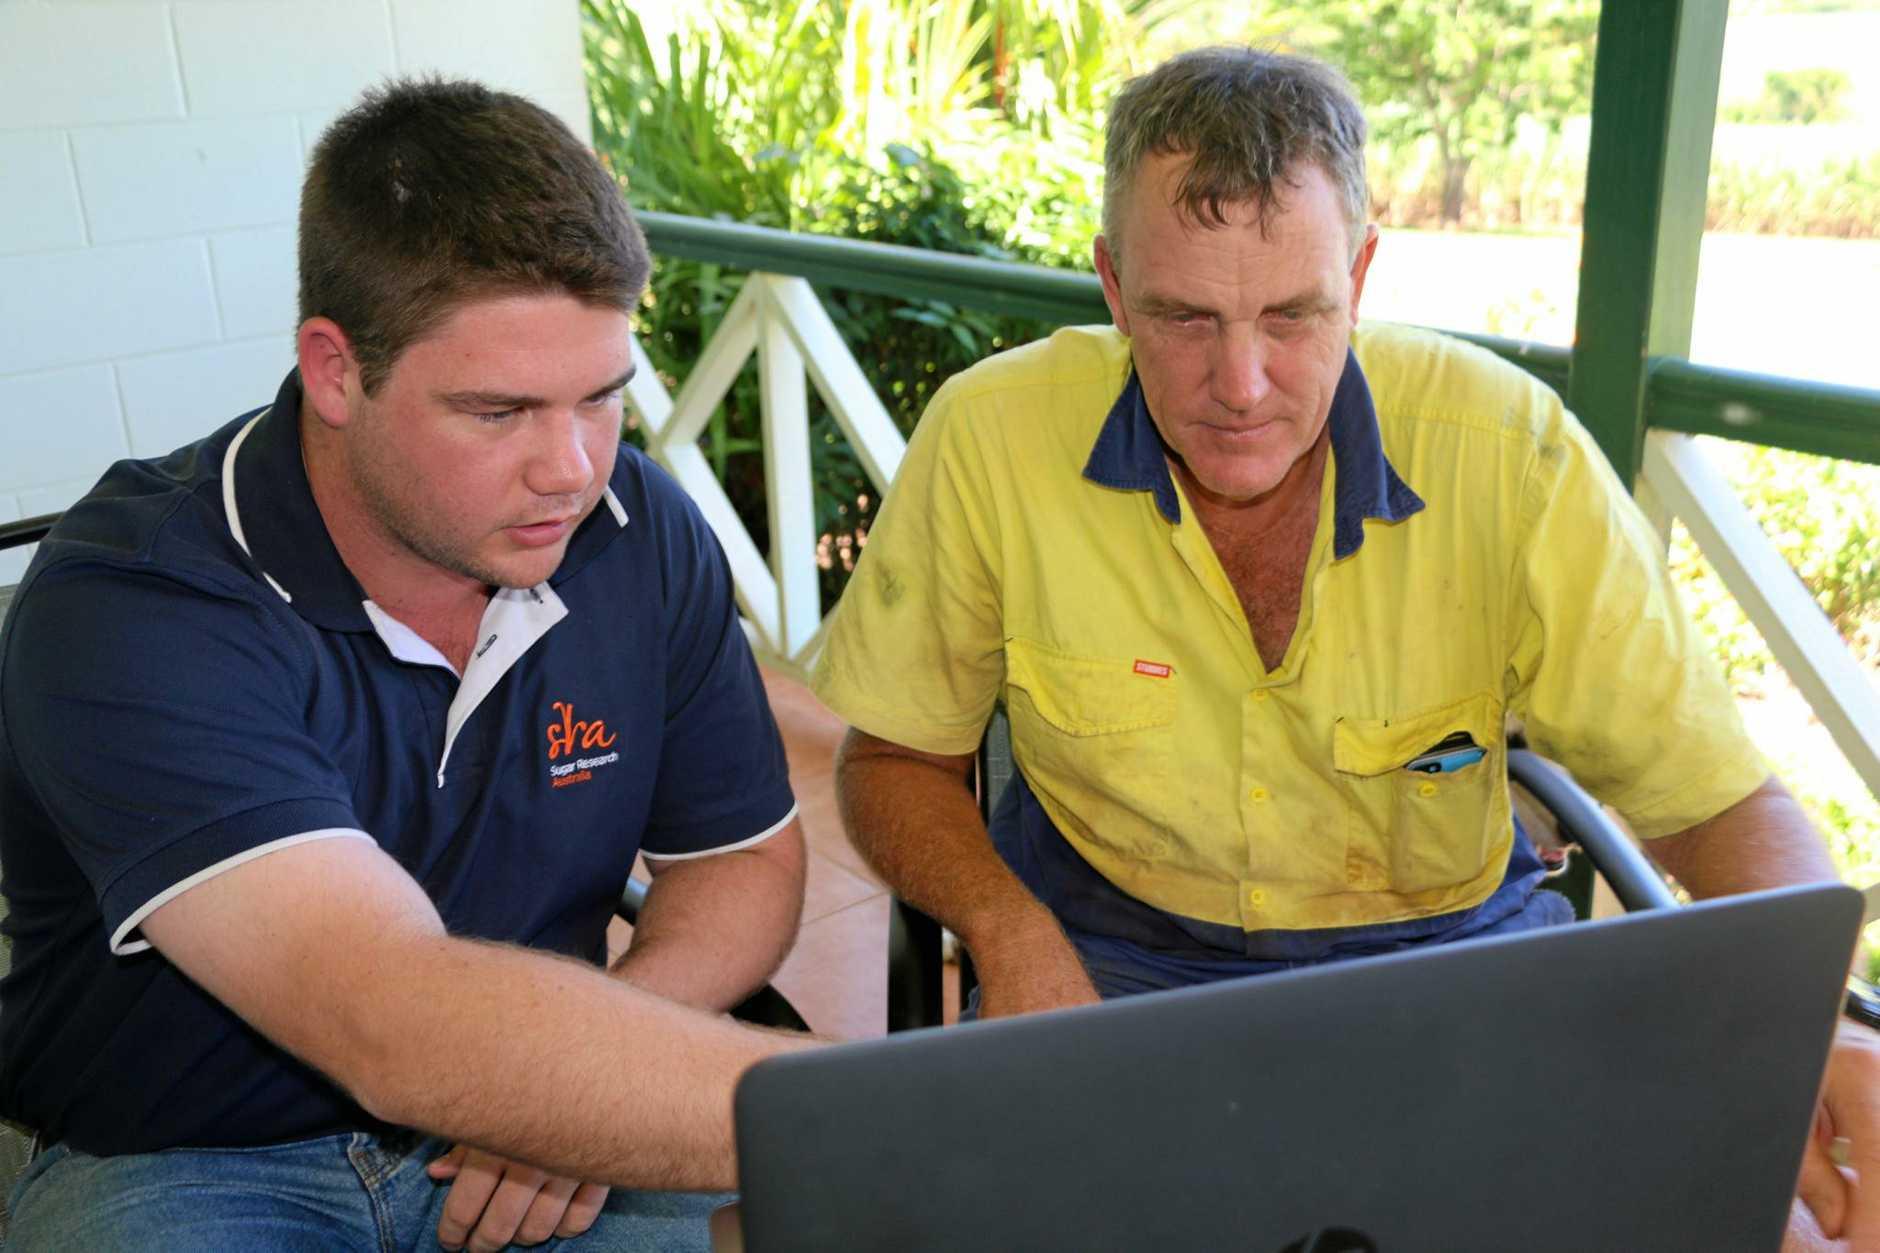 SRA adoption officer Gavin Rodman shows the FertFinder tool to Gordonvale grower Jeff Day.